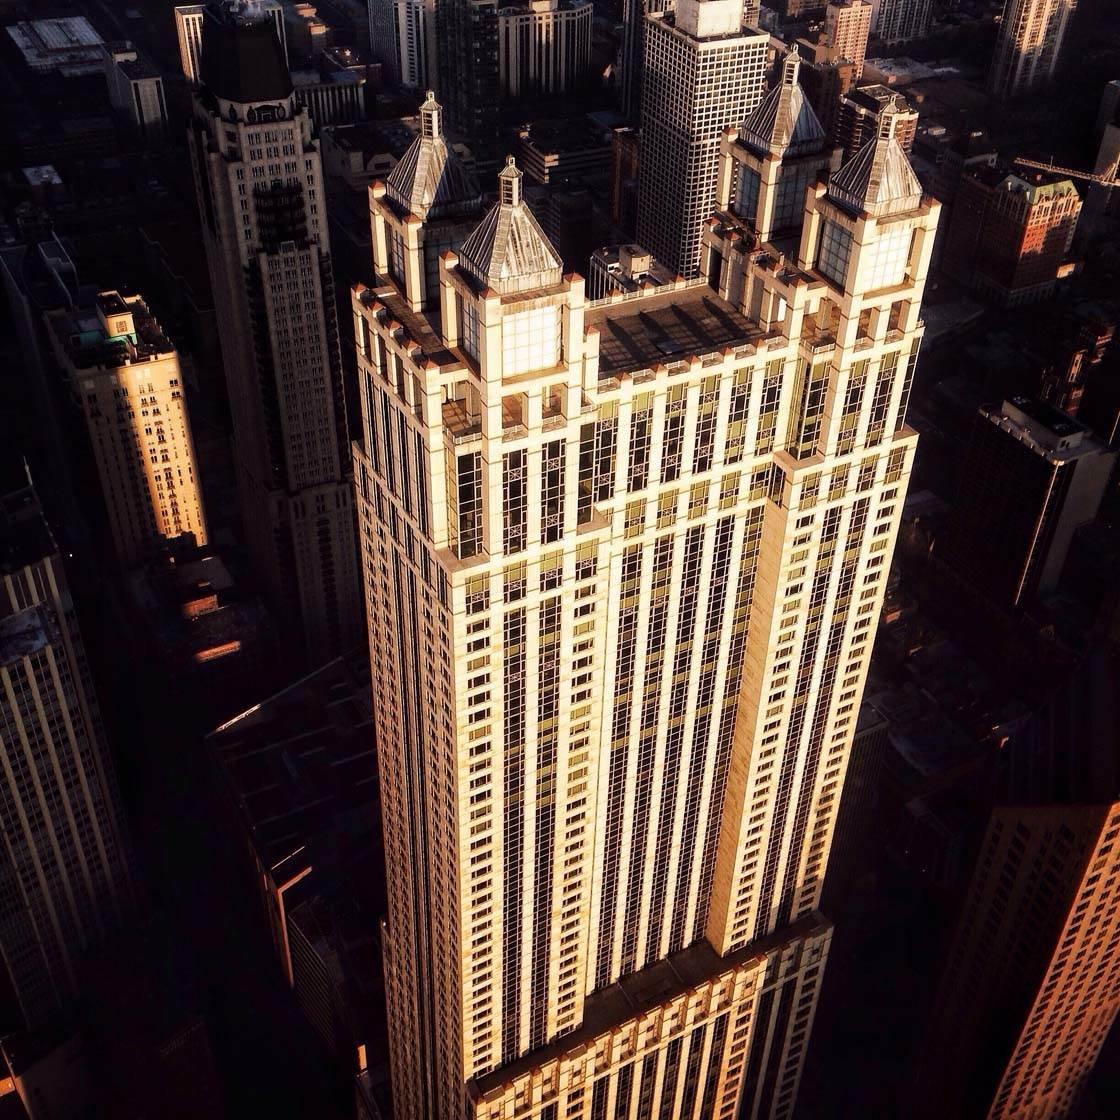 Busy City iPhone Photos 1 no script